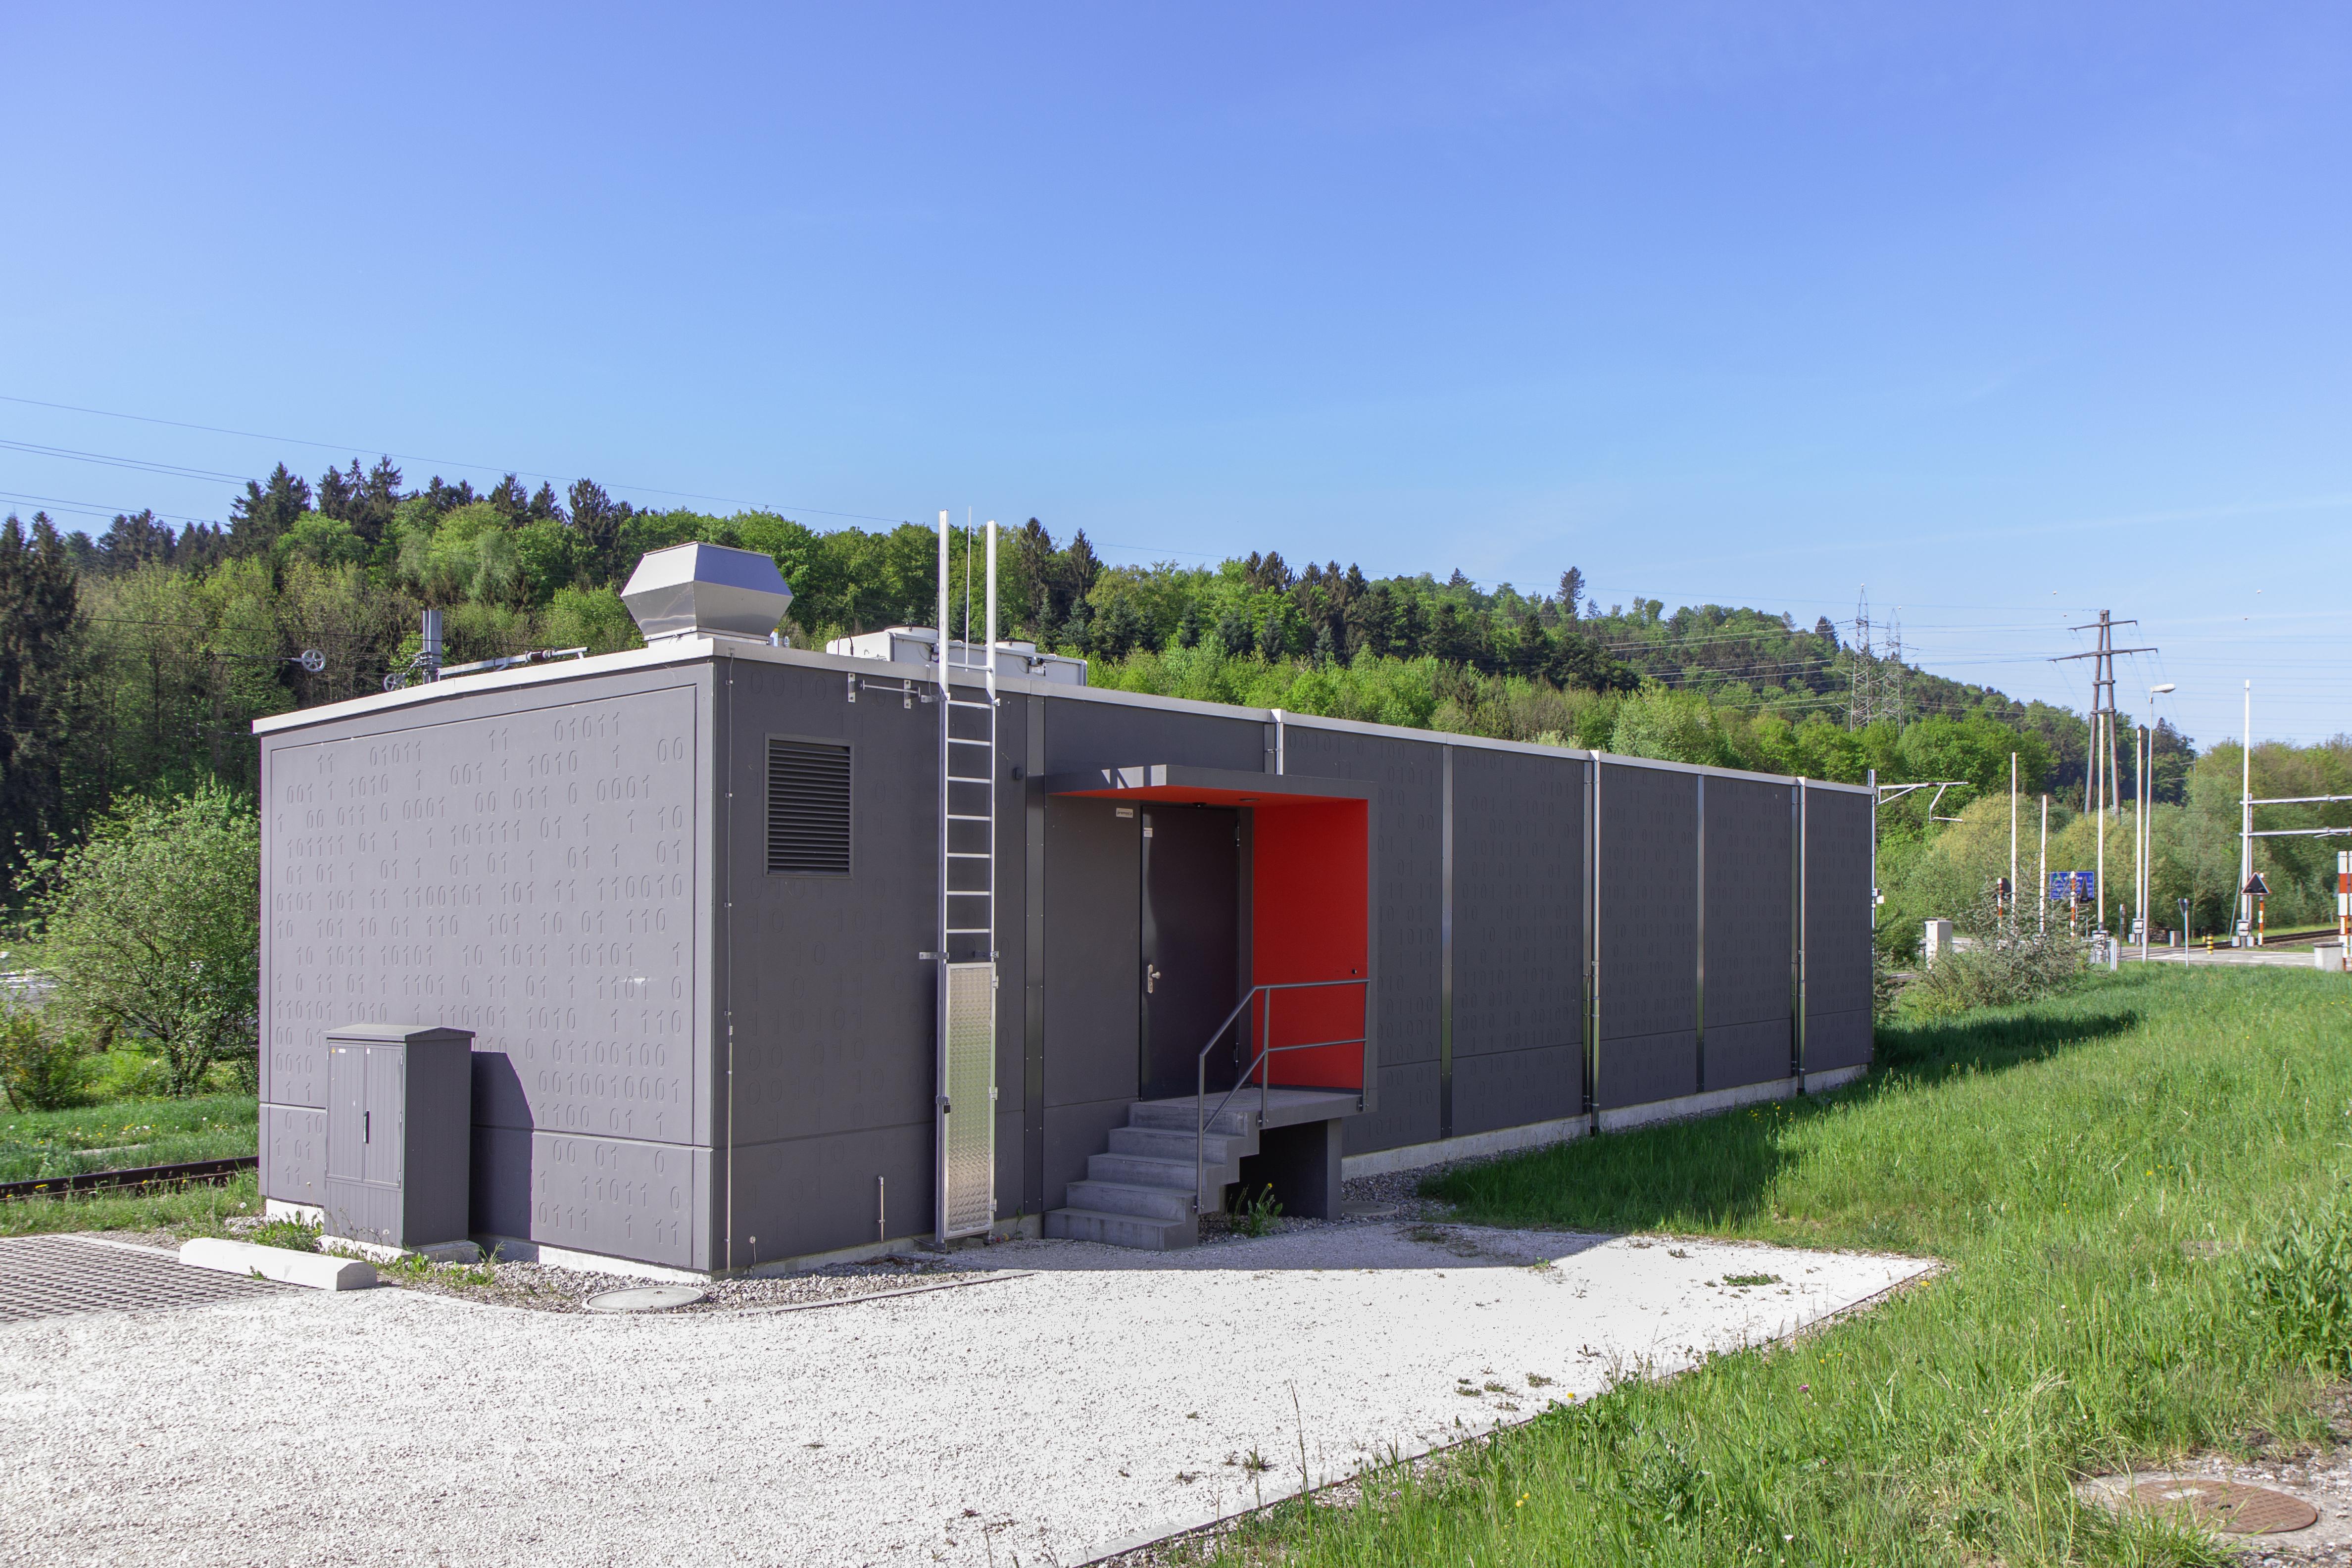 Bahntechnikgebäude, 5742 Kölliken-0476